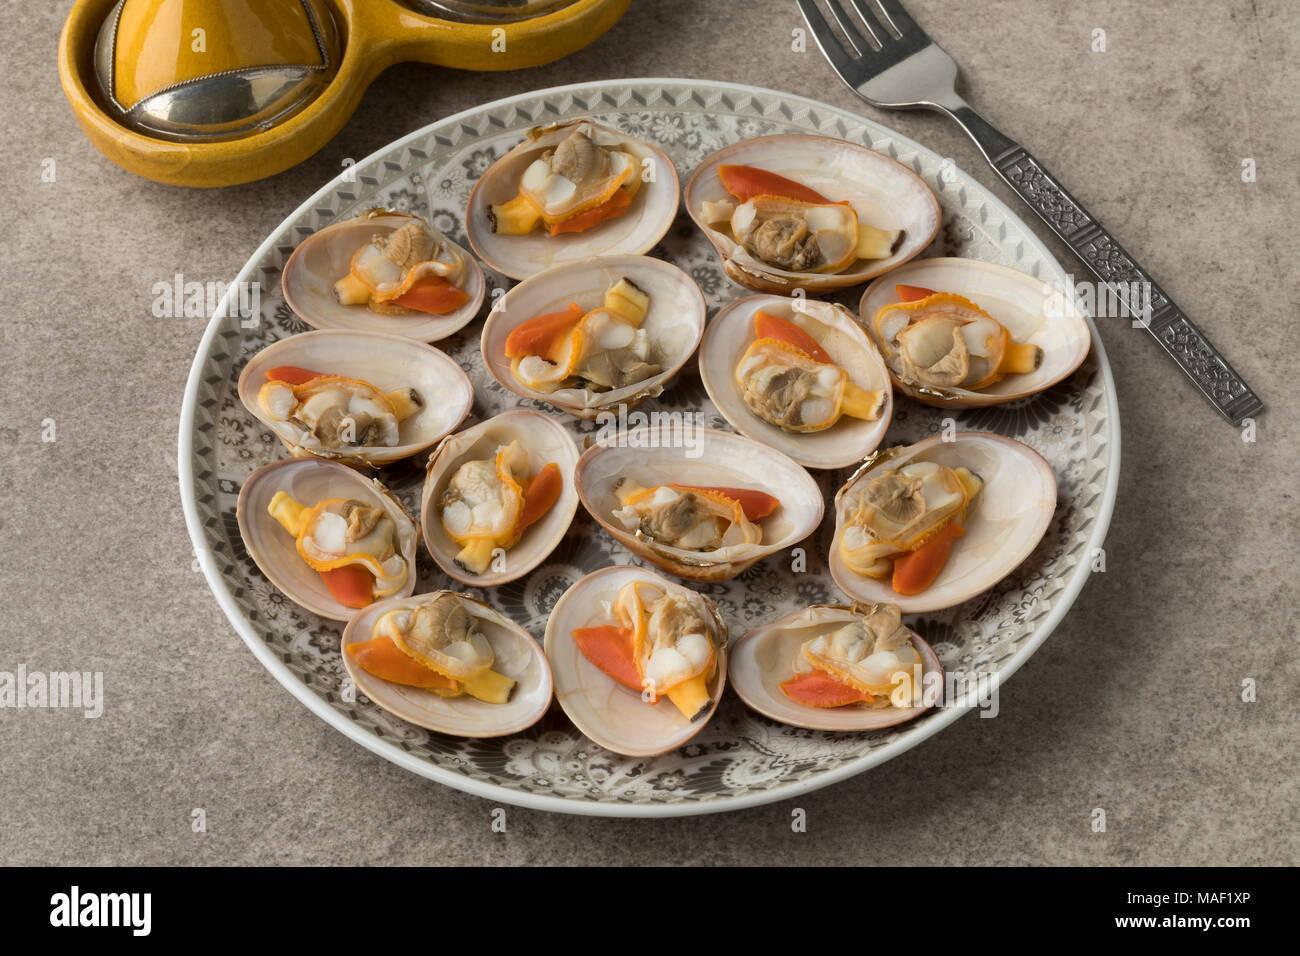 Plat marocain ouvert avec douceur les palourdes cuites pour un repas Photo Stock